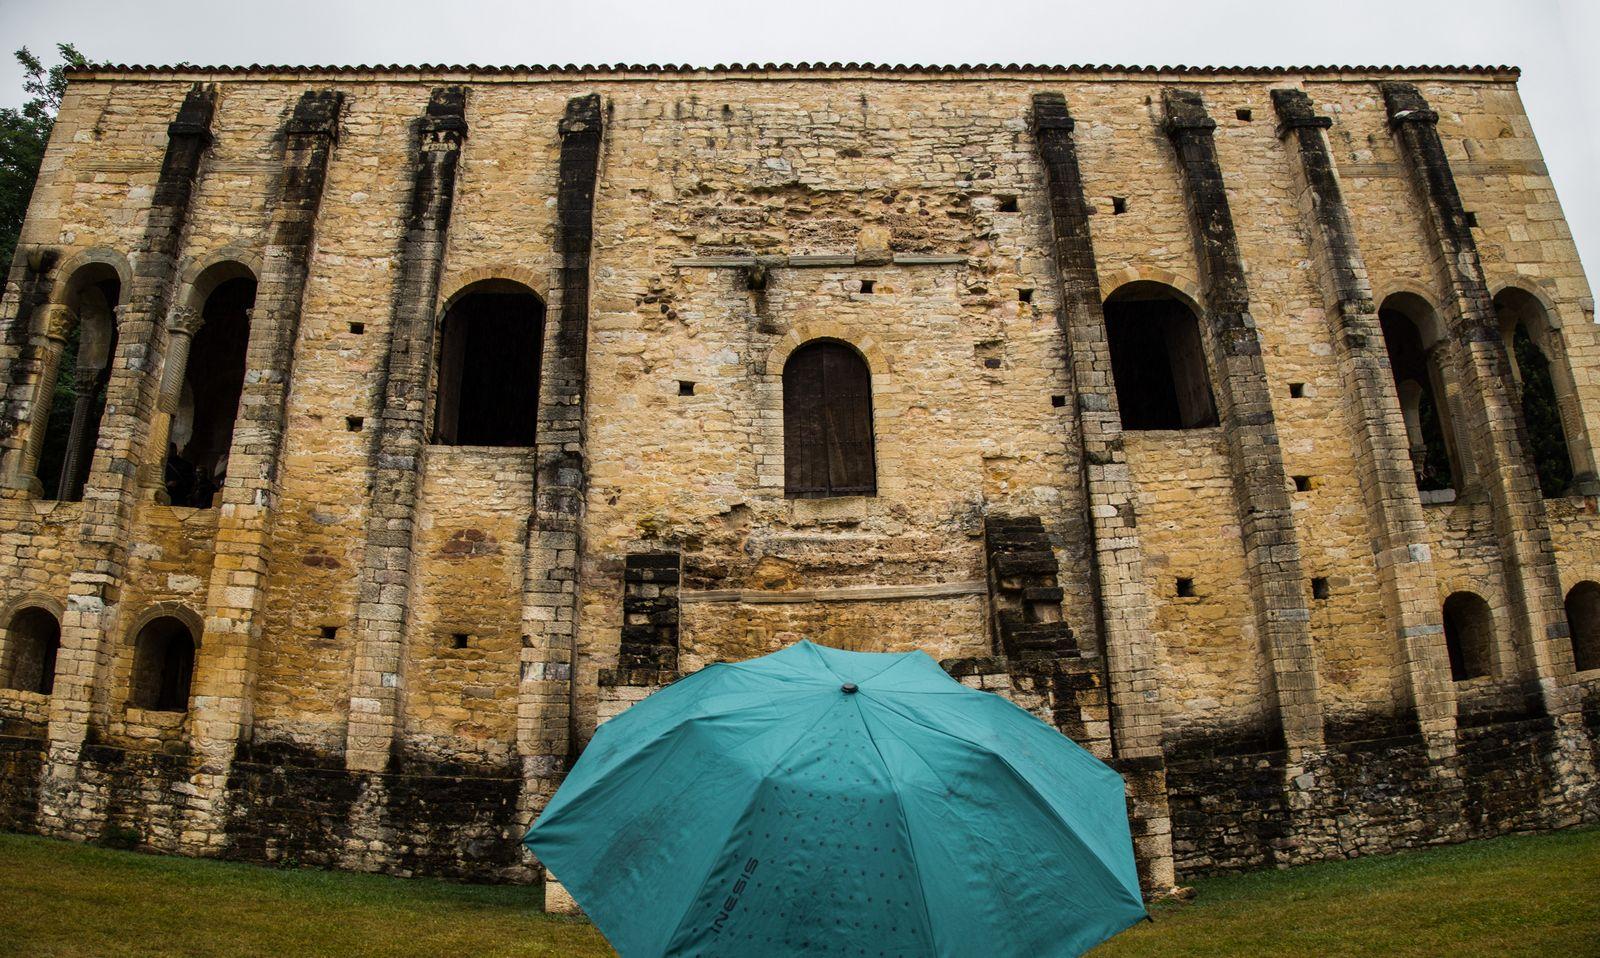 Comenzando las visitas de un día de paraguas